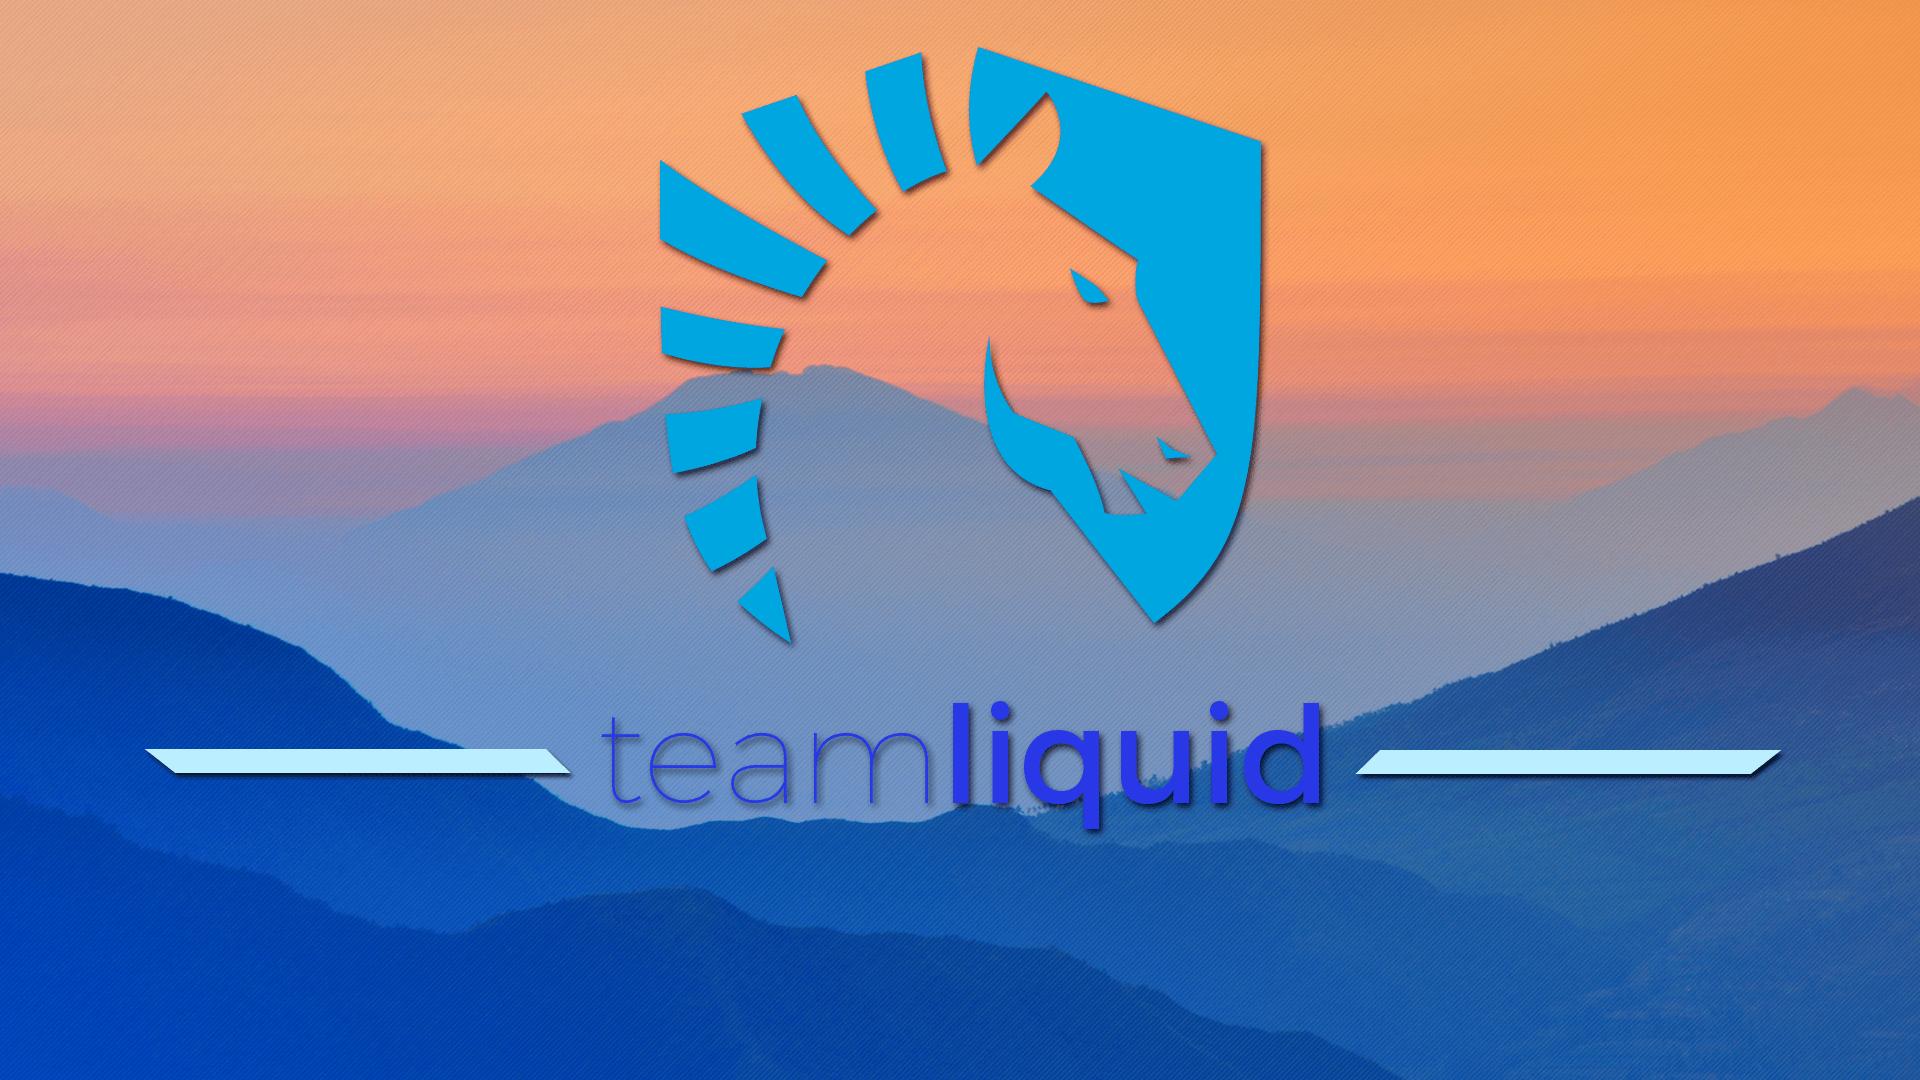 Liquid Hd Wallpaper: Team Liquid Wallpapers